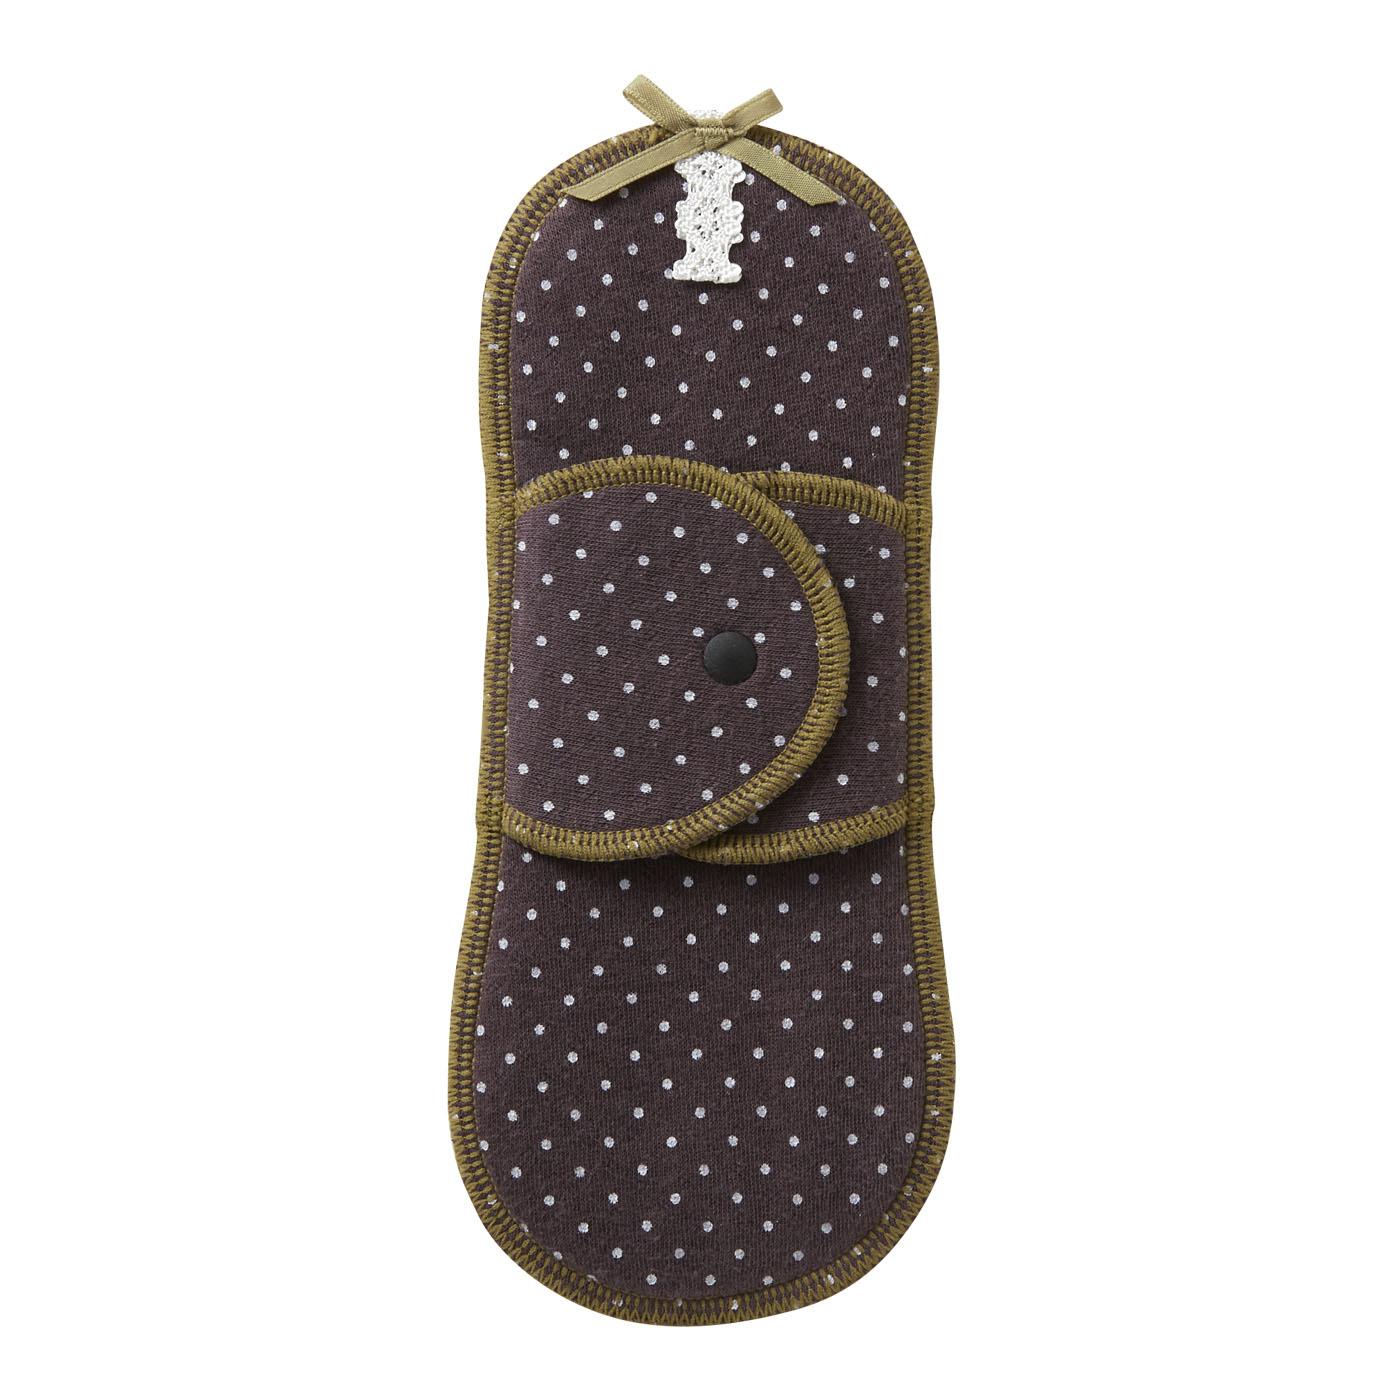 スナップボタンはショーツに合わせて2段階に調節可能。プラスティック素材だから、金属アレルギーの方も安心です。